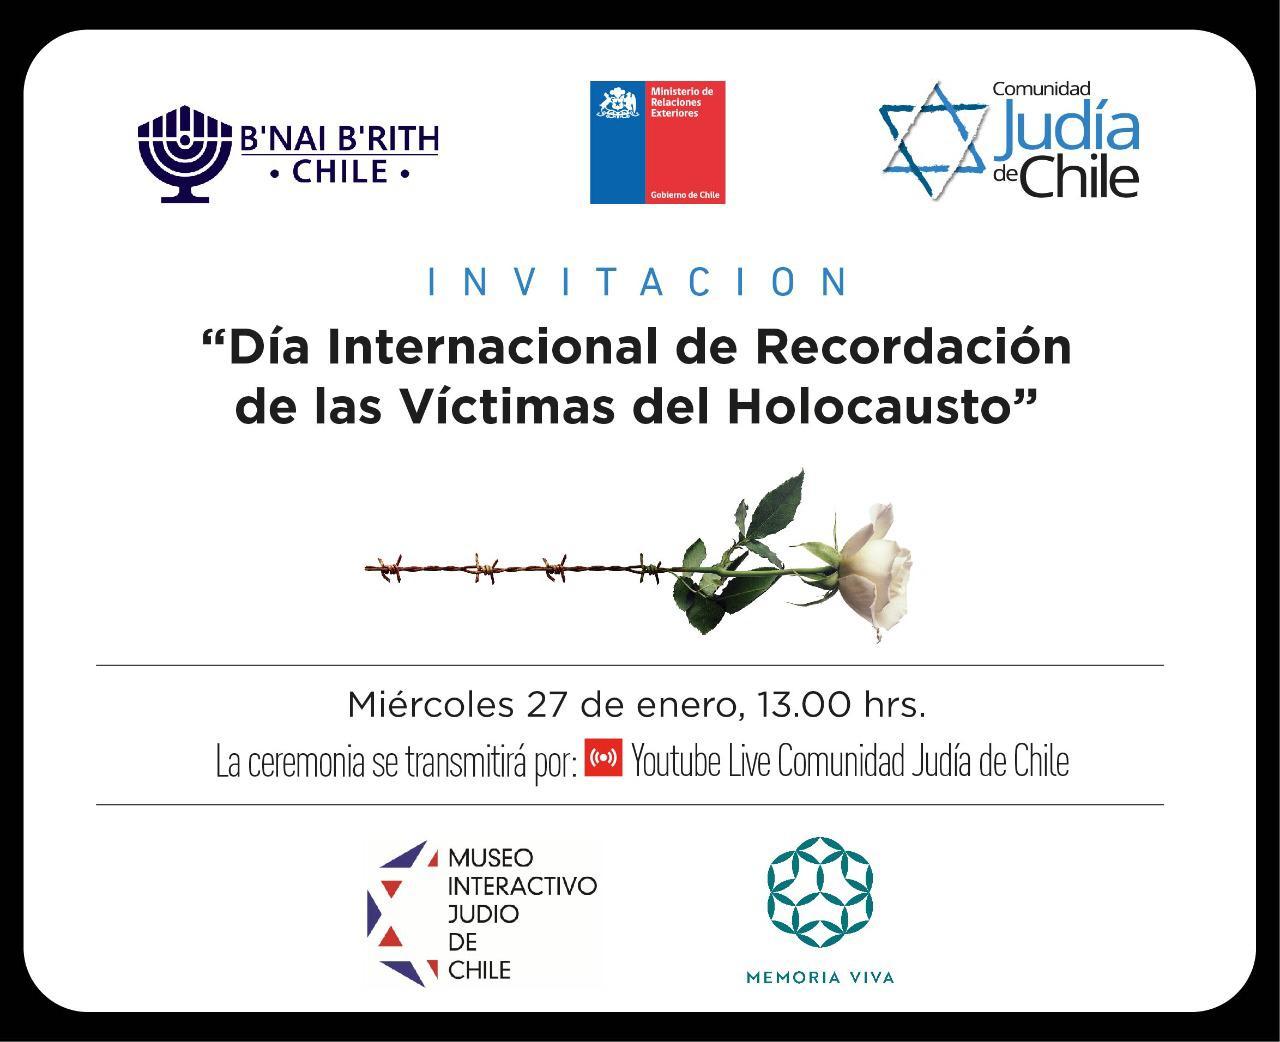 Día Internacional de Recordación de las Víctimas del Holocausto